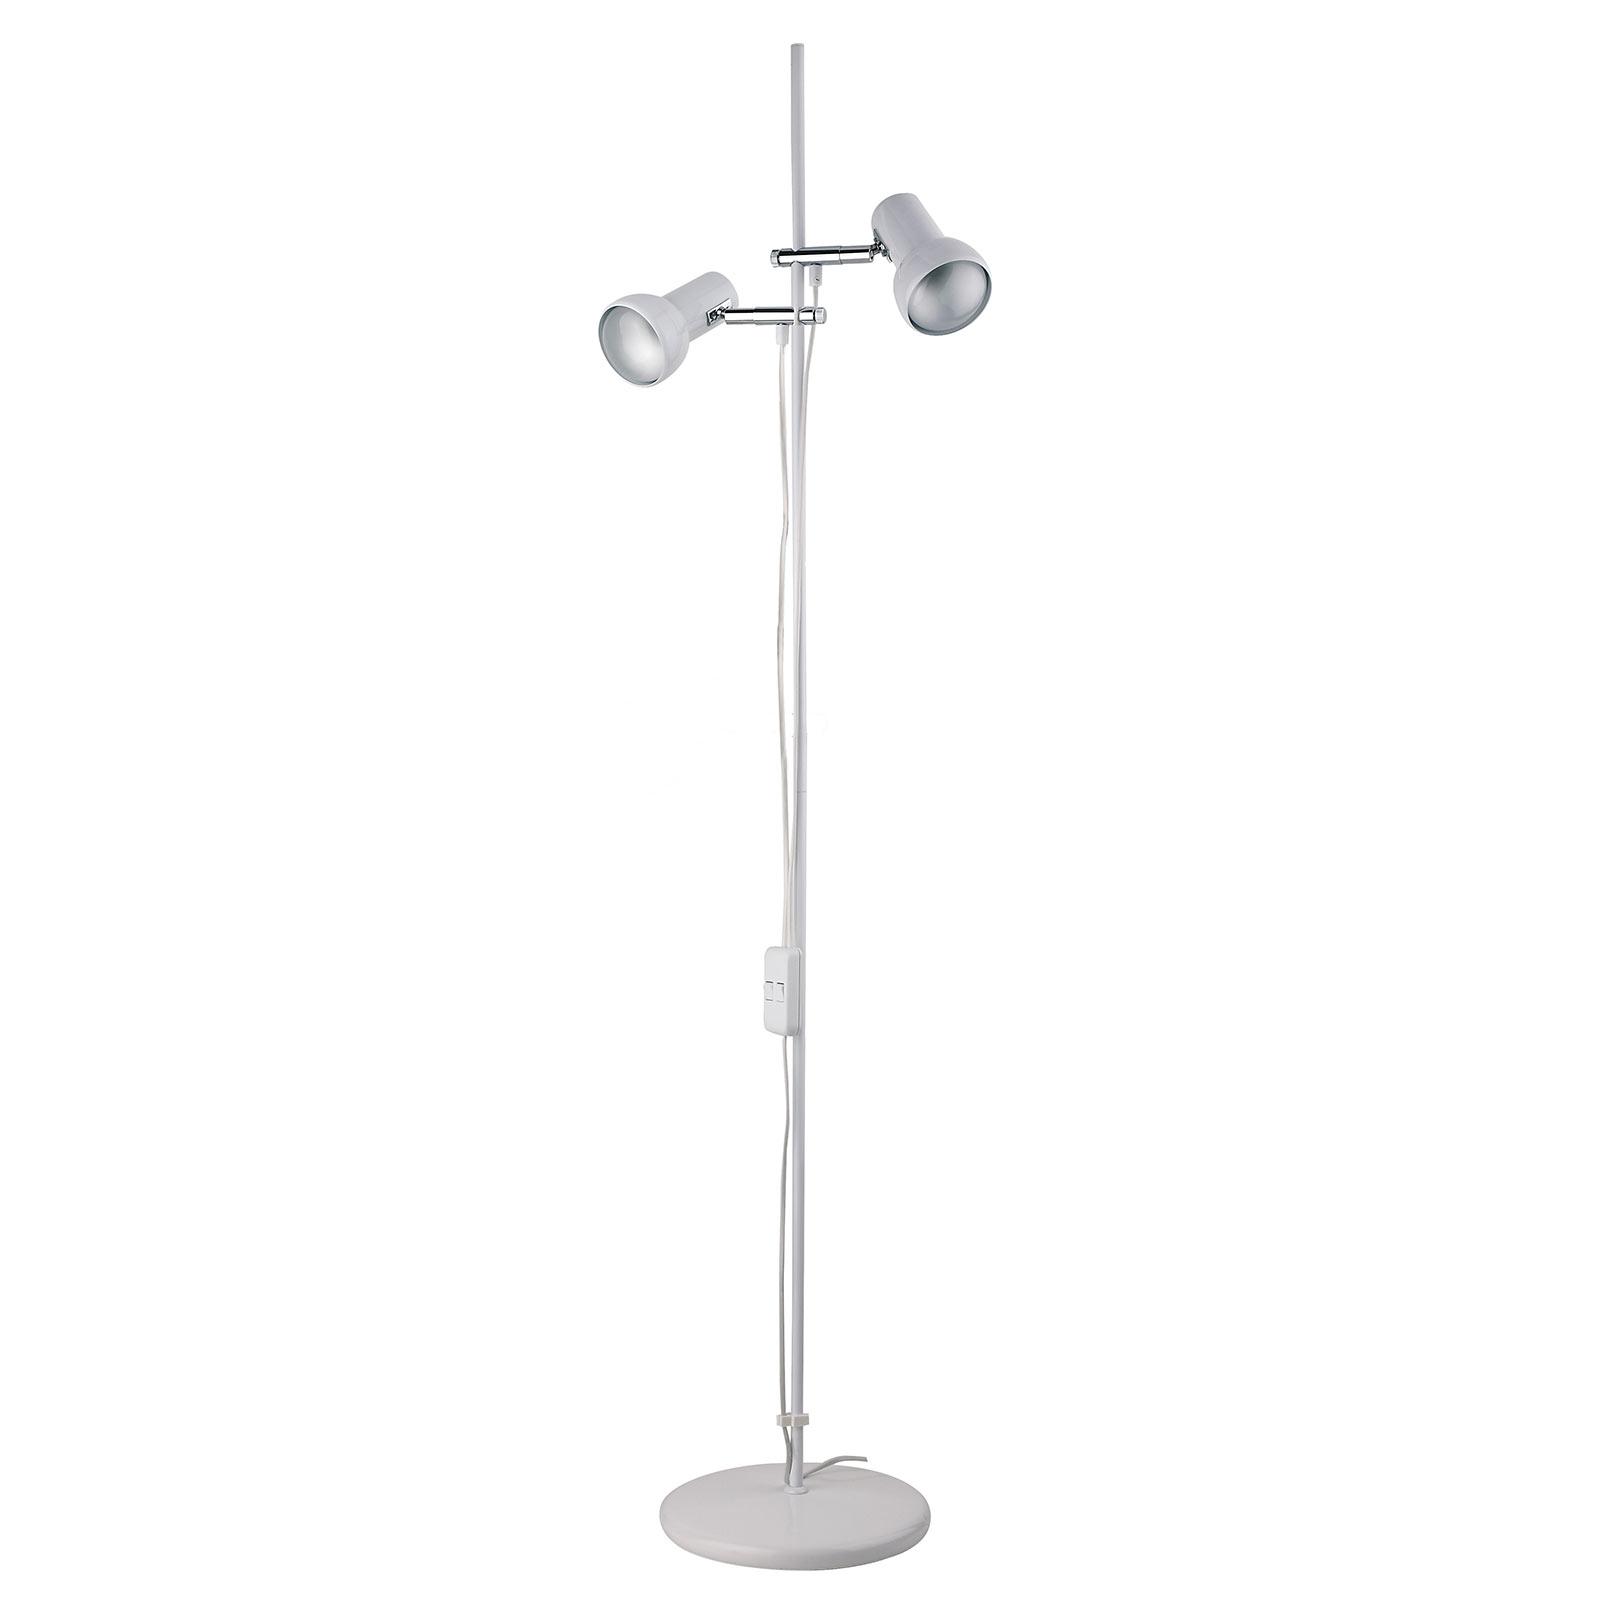 Two-bulb floor lamp EIFEL, white_1524072_1